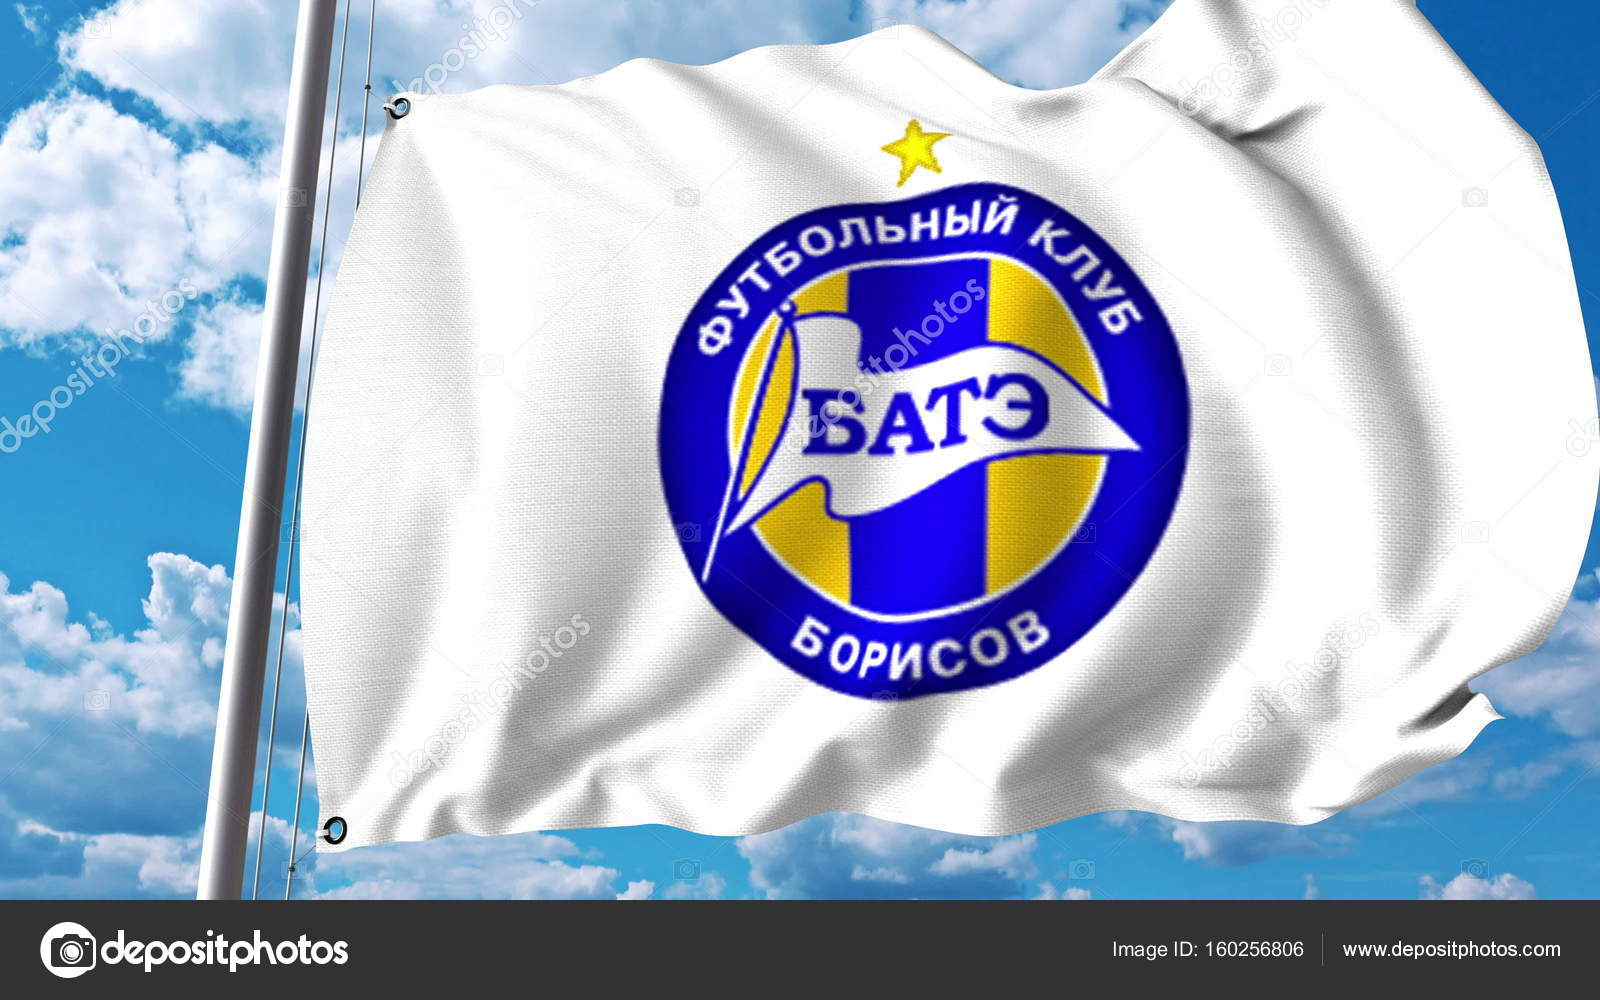 Fc Bate ボリソフ サッカー クラ...